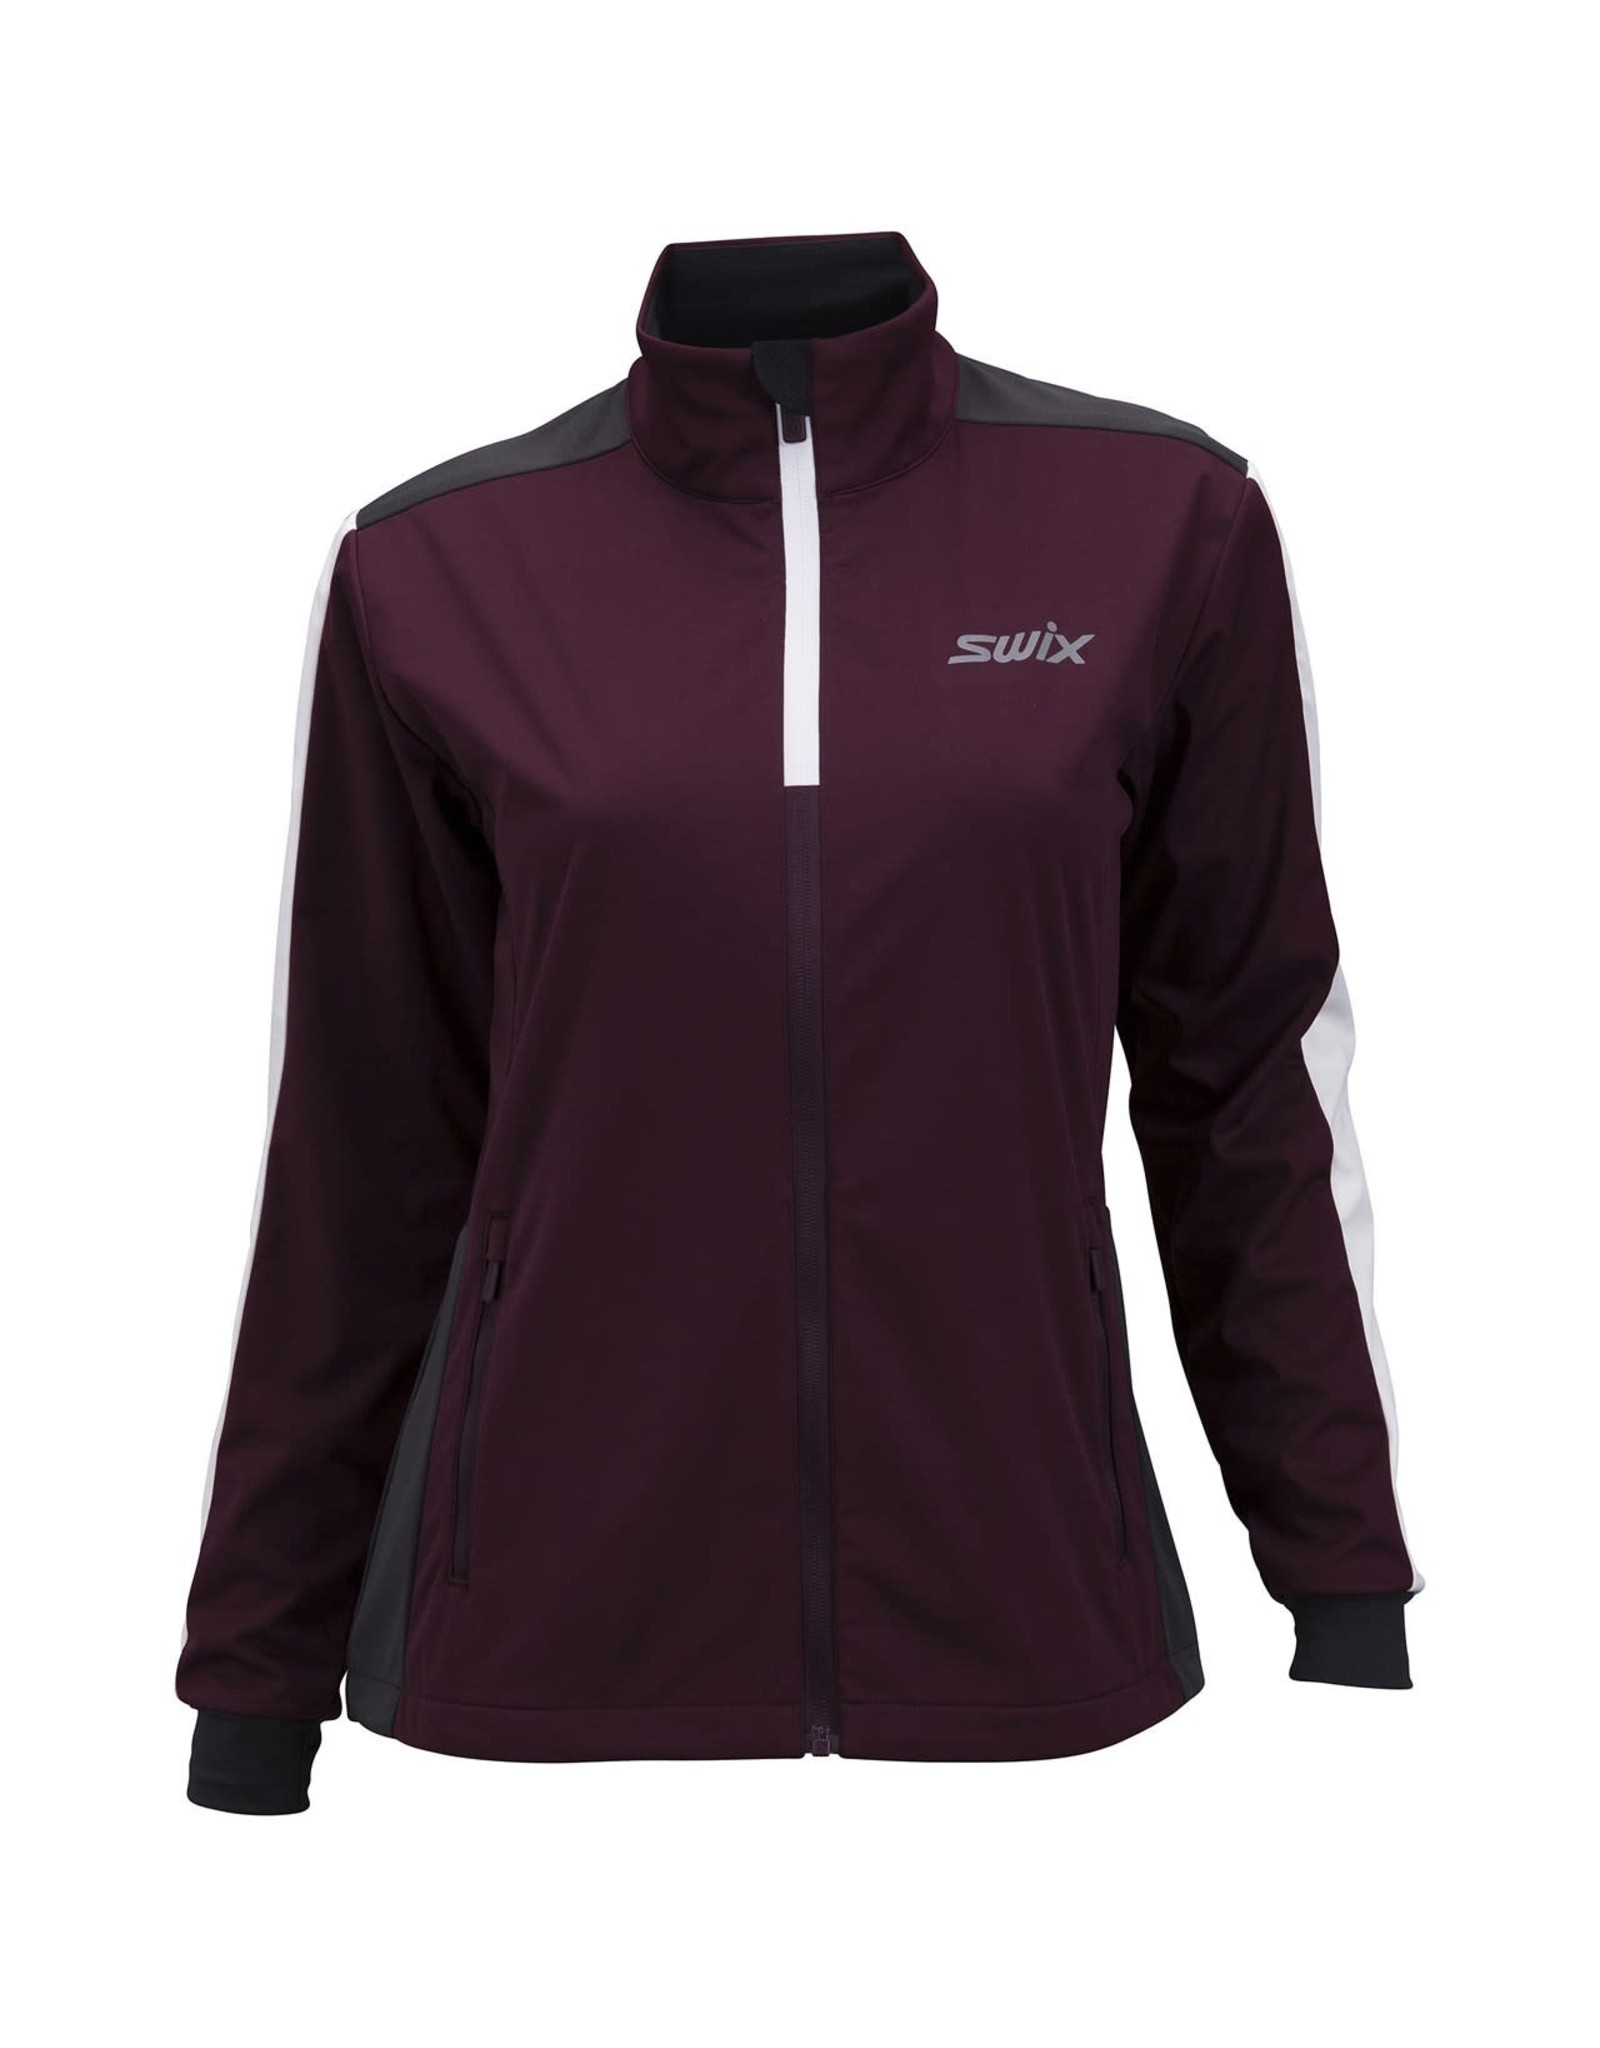 Swix '20 Swix, Crossjacket, Jacket, Women's